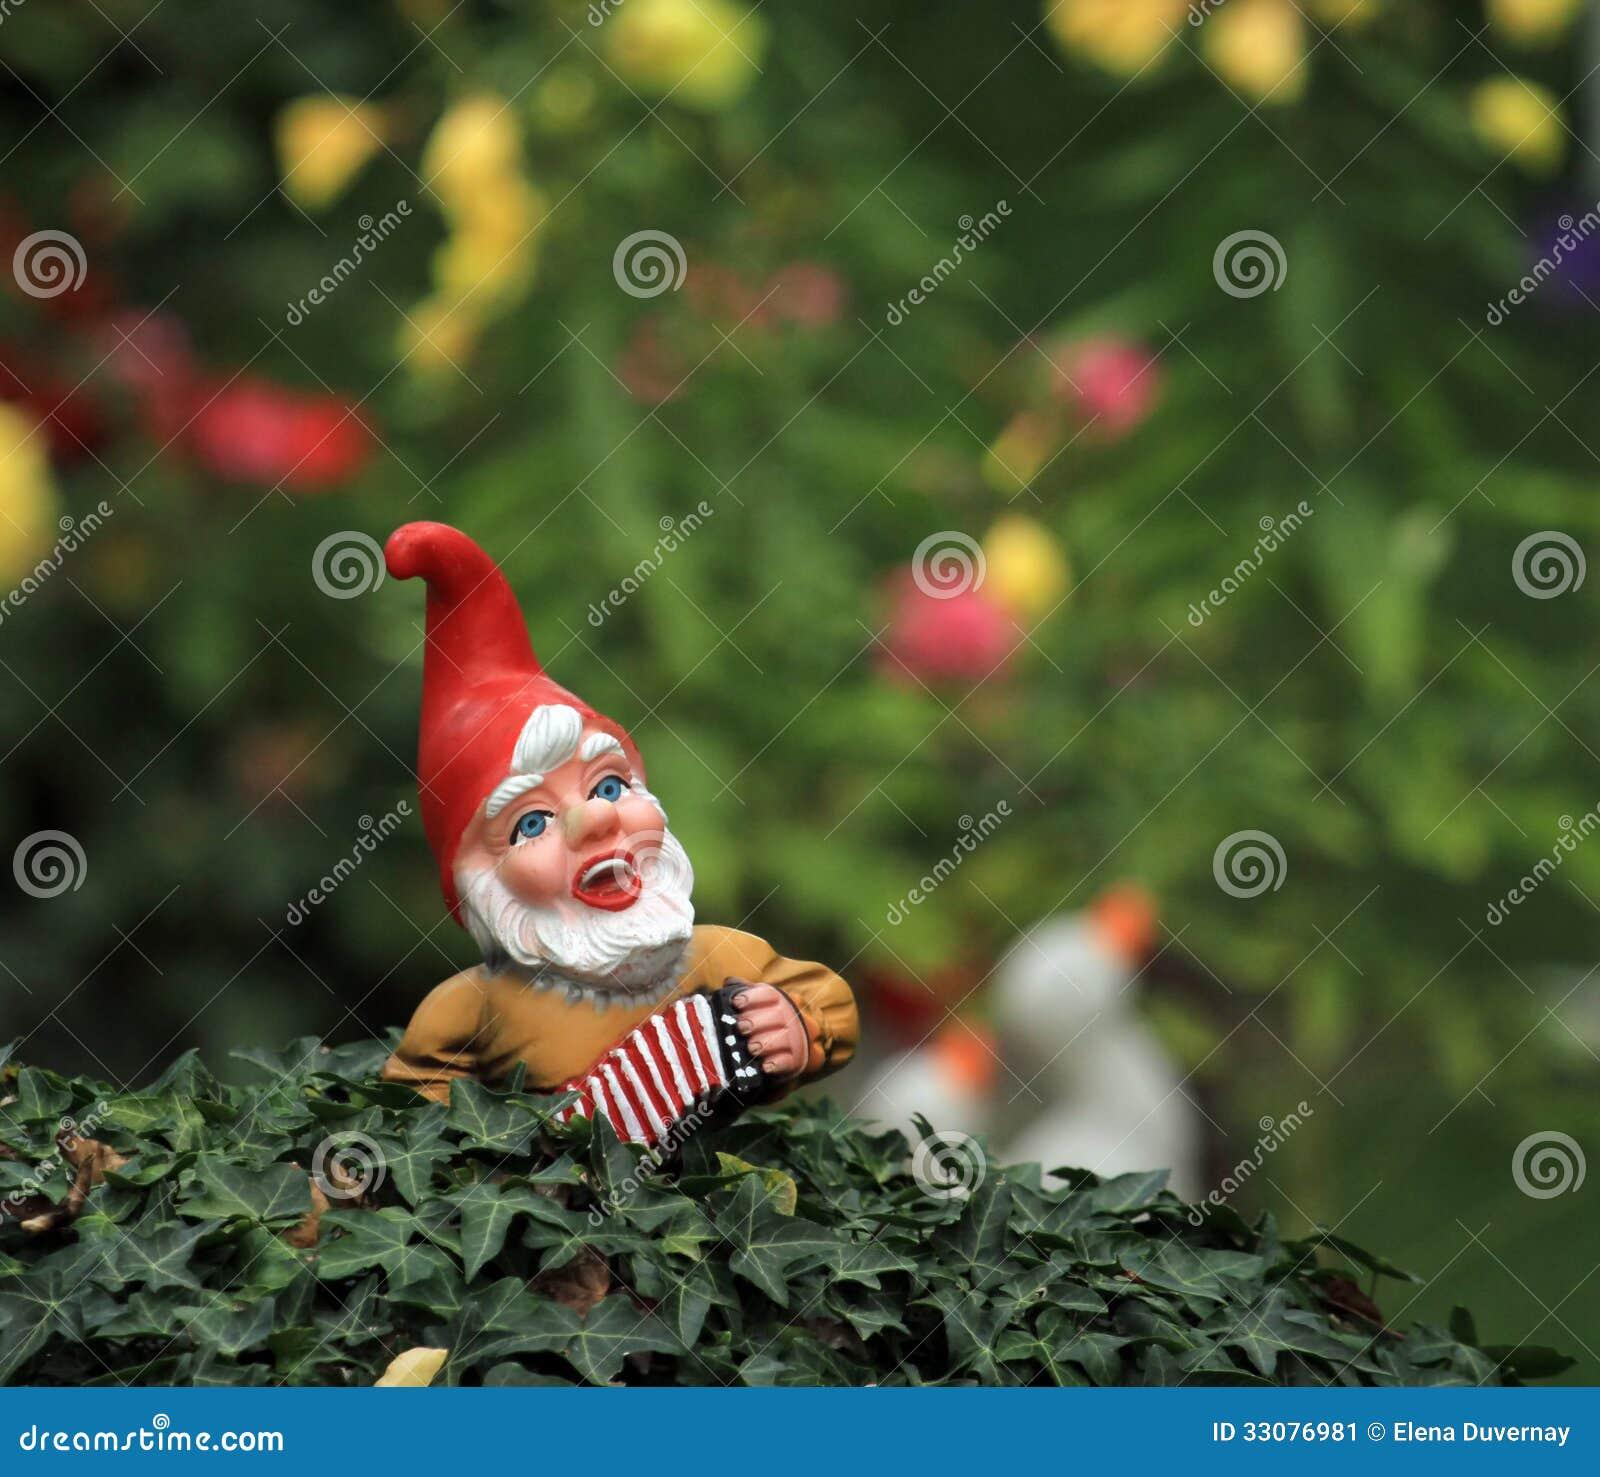 kobold o anao de jardim : kobold o anao de jardim:Anão típico pequeno do jardim ou gnomo e bandeira americana em um